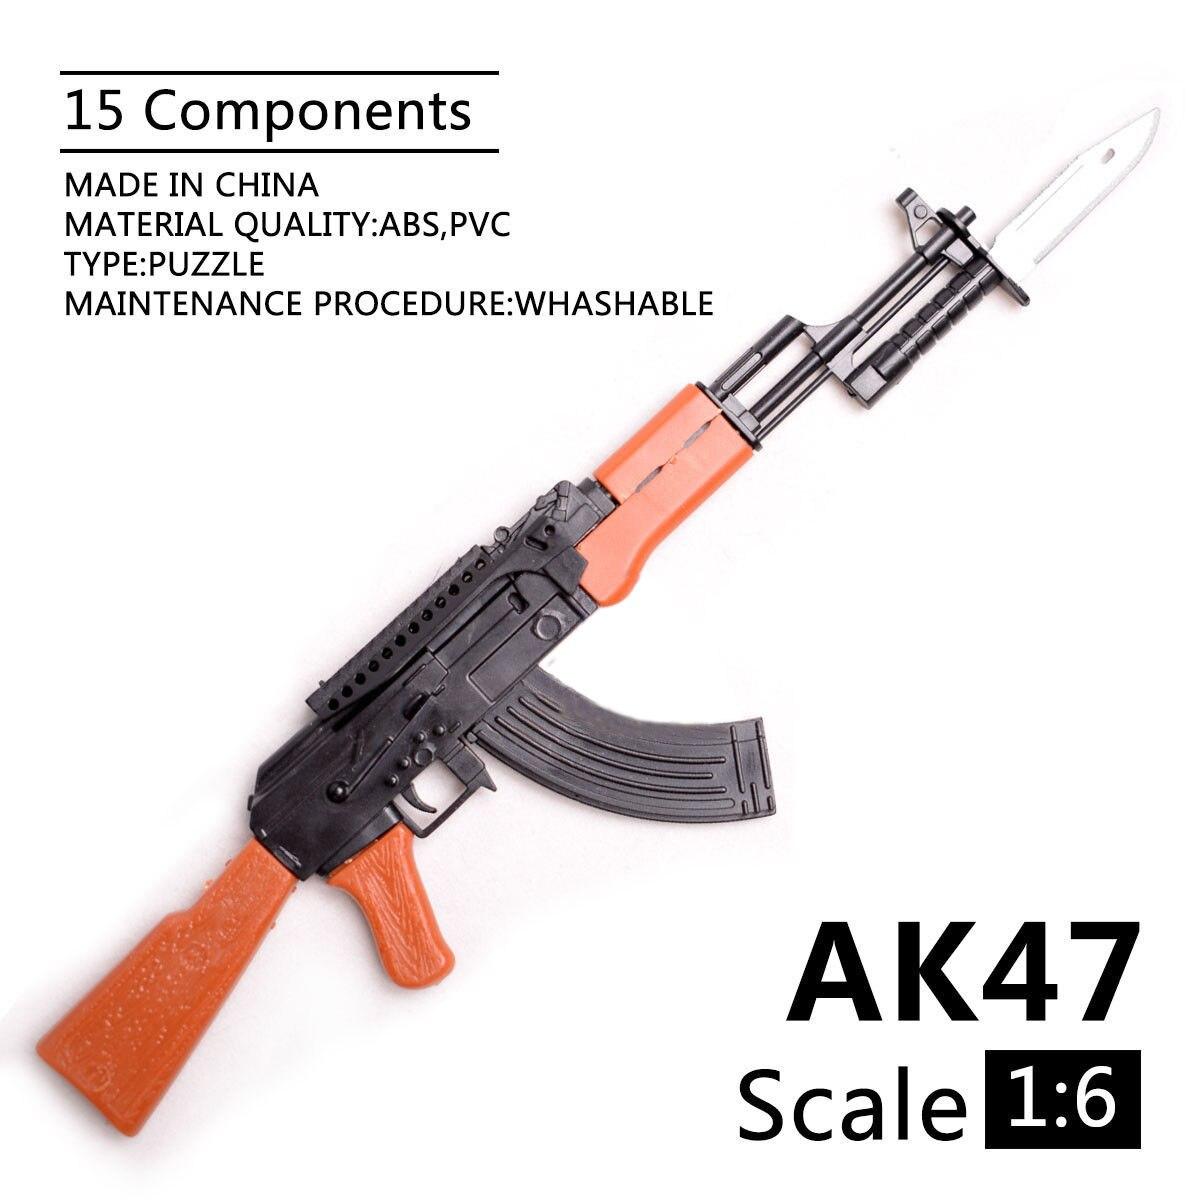 1/6 escala AK47 Rifle modelo de pistola de juguete ensamblaje rompecabezas construcción ladrillos pistola soldado arma para figuras de acción 1 botella Y 20000 Uds bala de agua para pistola de juguete de cuentas puede contener 200 Uds bala usada para todos Barret M4A1 P90 AK47